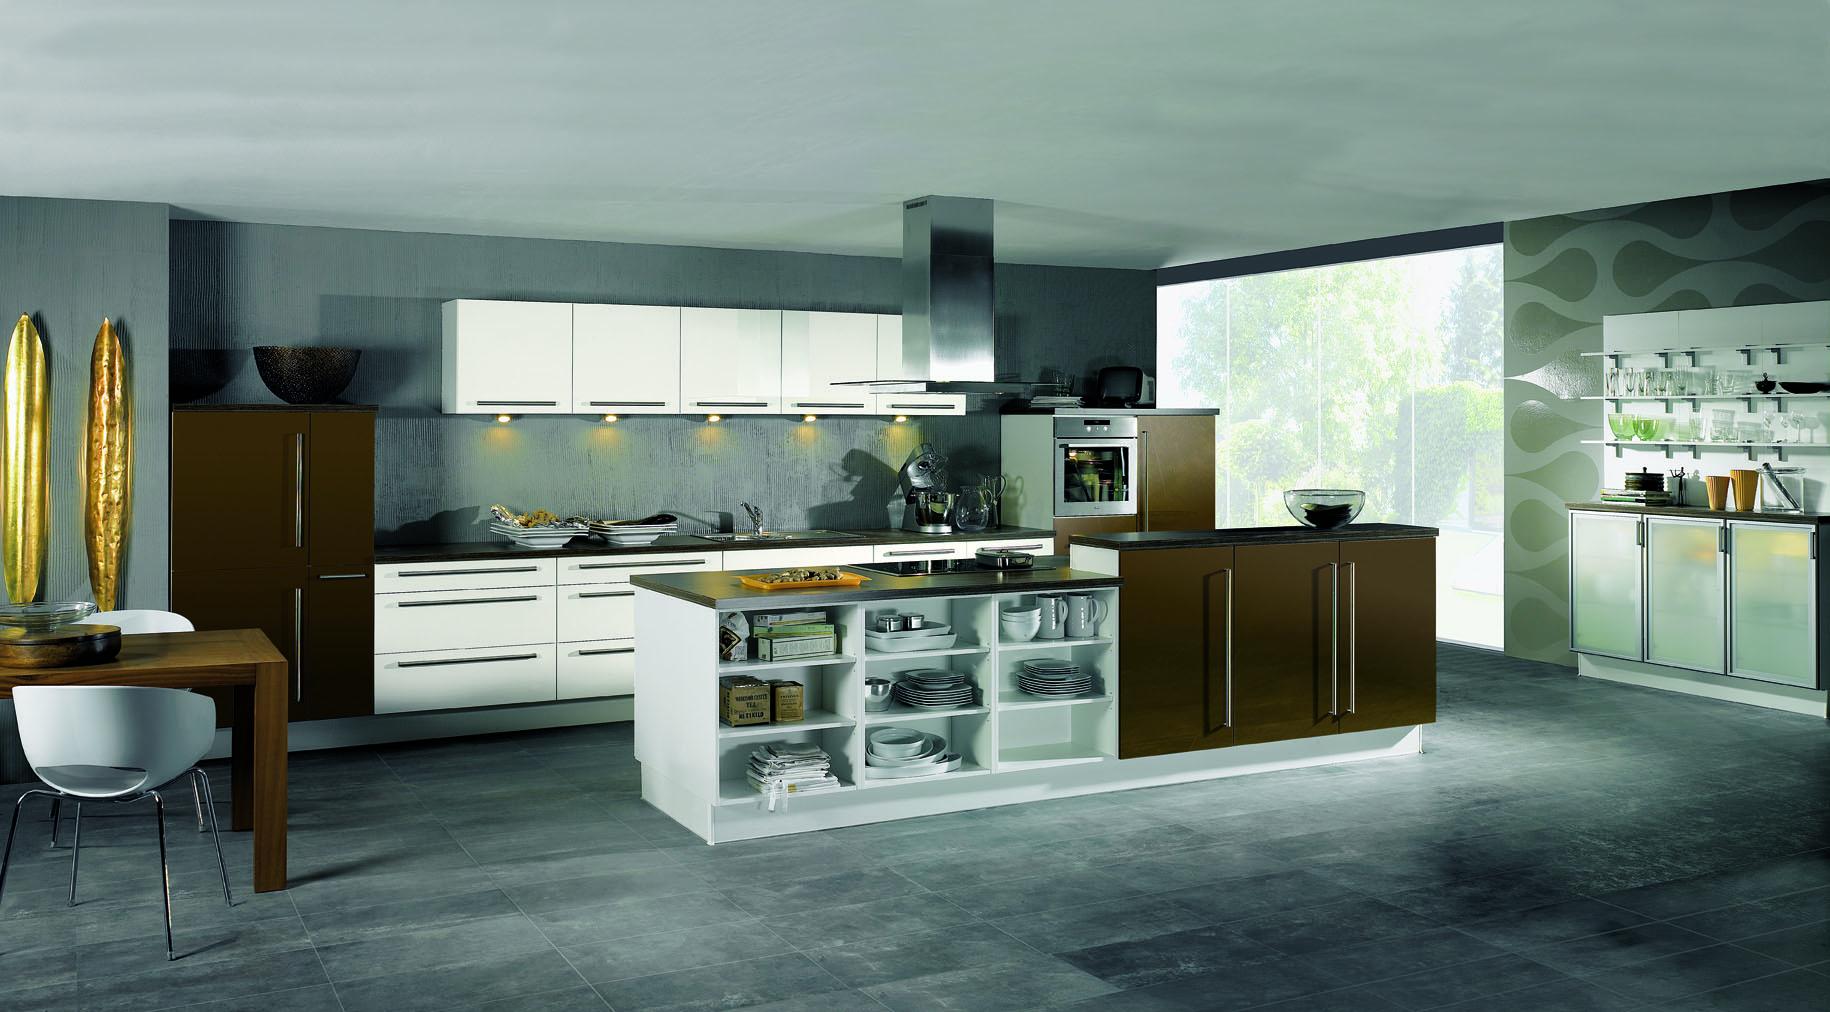 Alno Kitchen Cabinets - Nagpurentrepreneurs